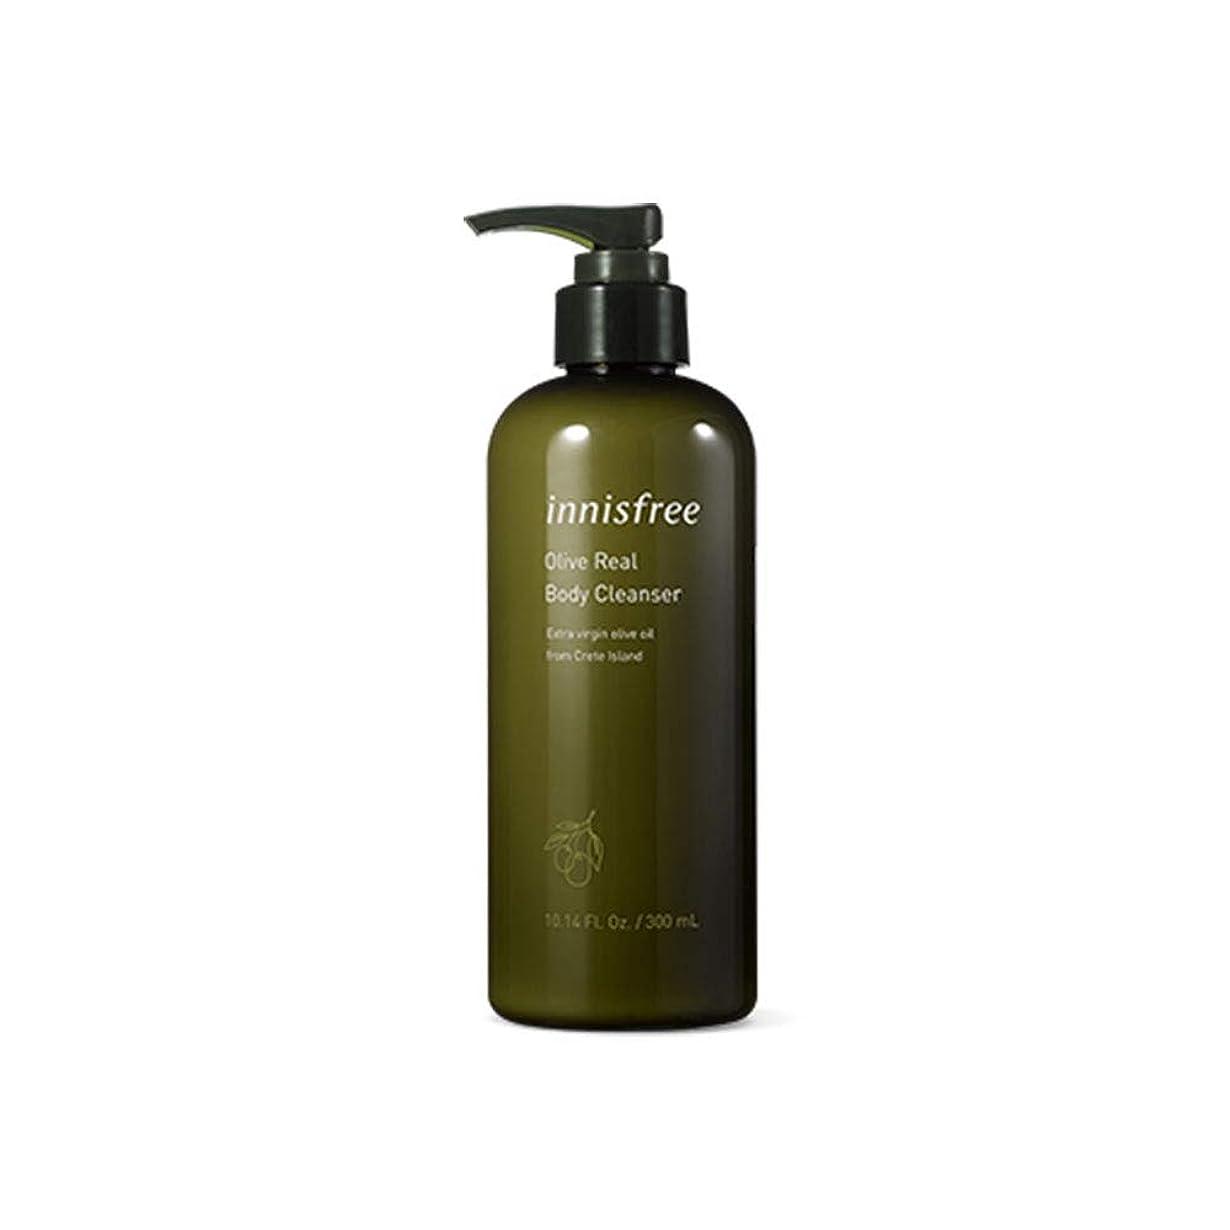 財産通信するビタミンイニスフリー Innisfree オリーブリアルボディークレンザー(300ml) Innisfree Olive Real Body Cleanser(300ml) [海外直送品]